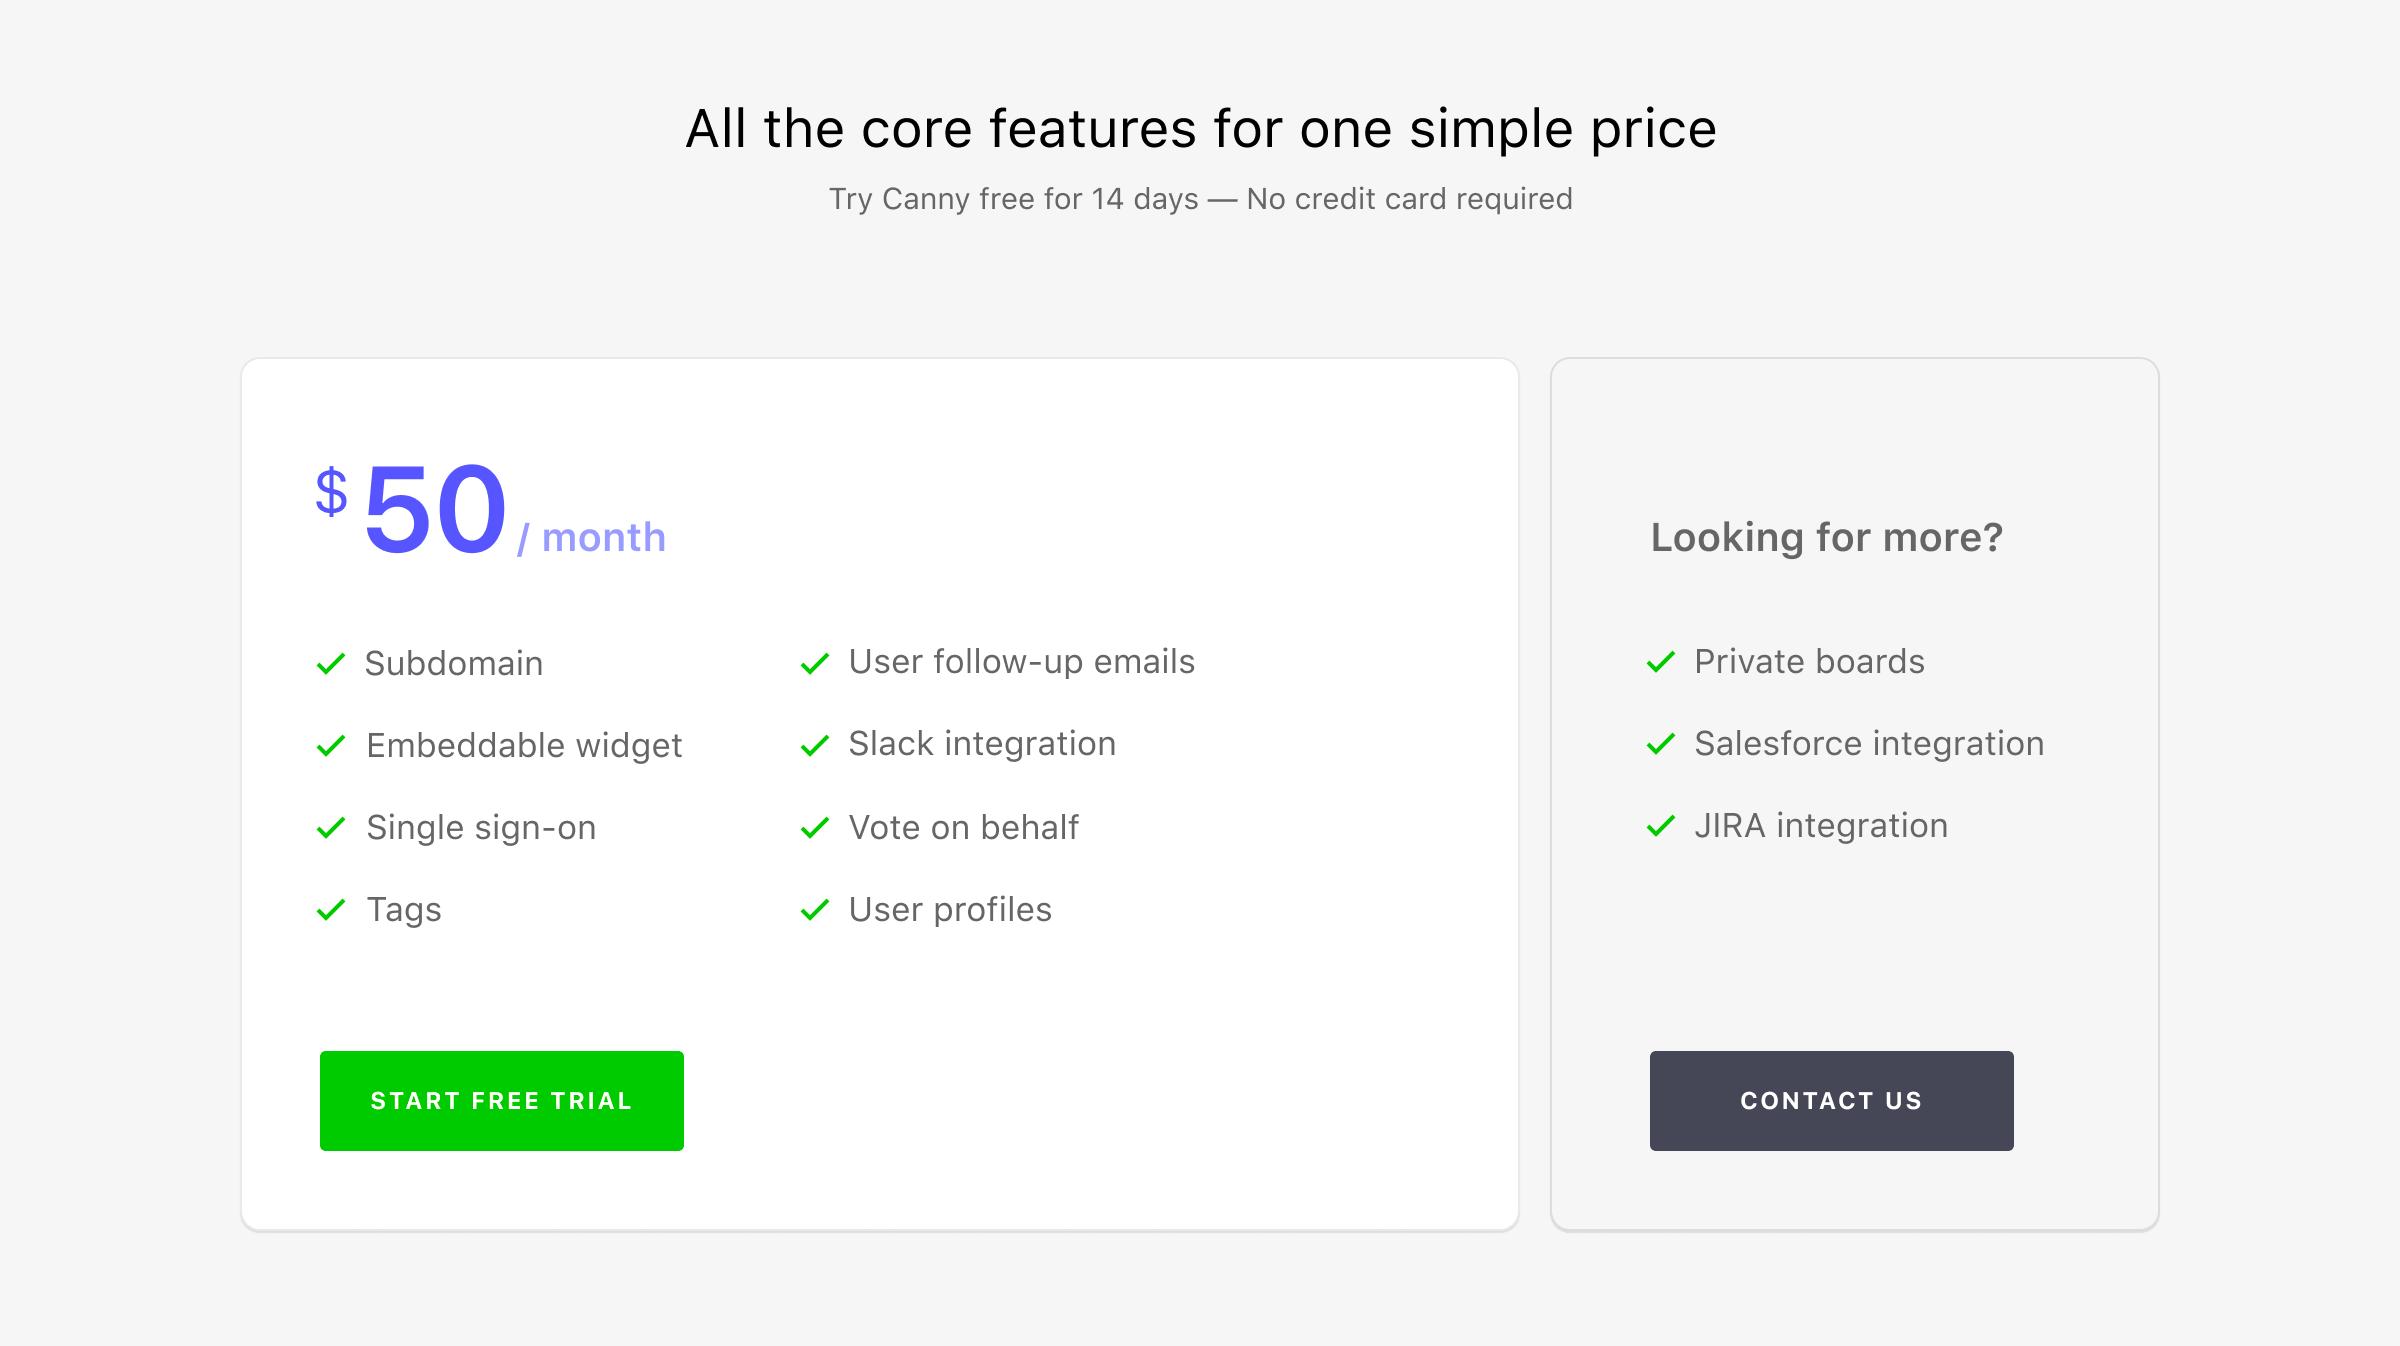 First pricing plan